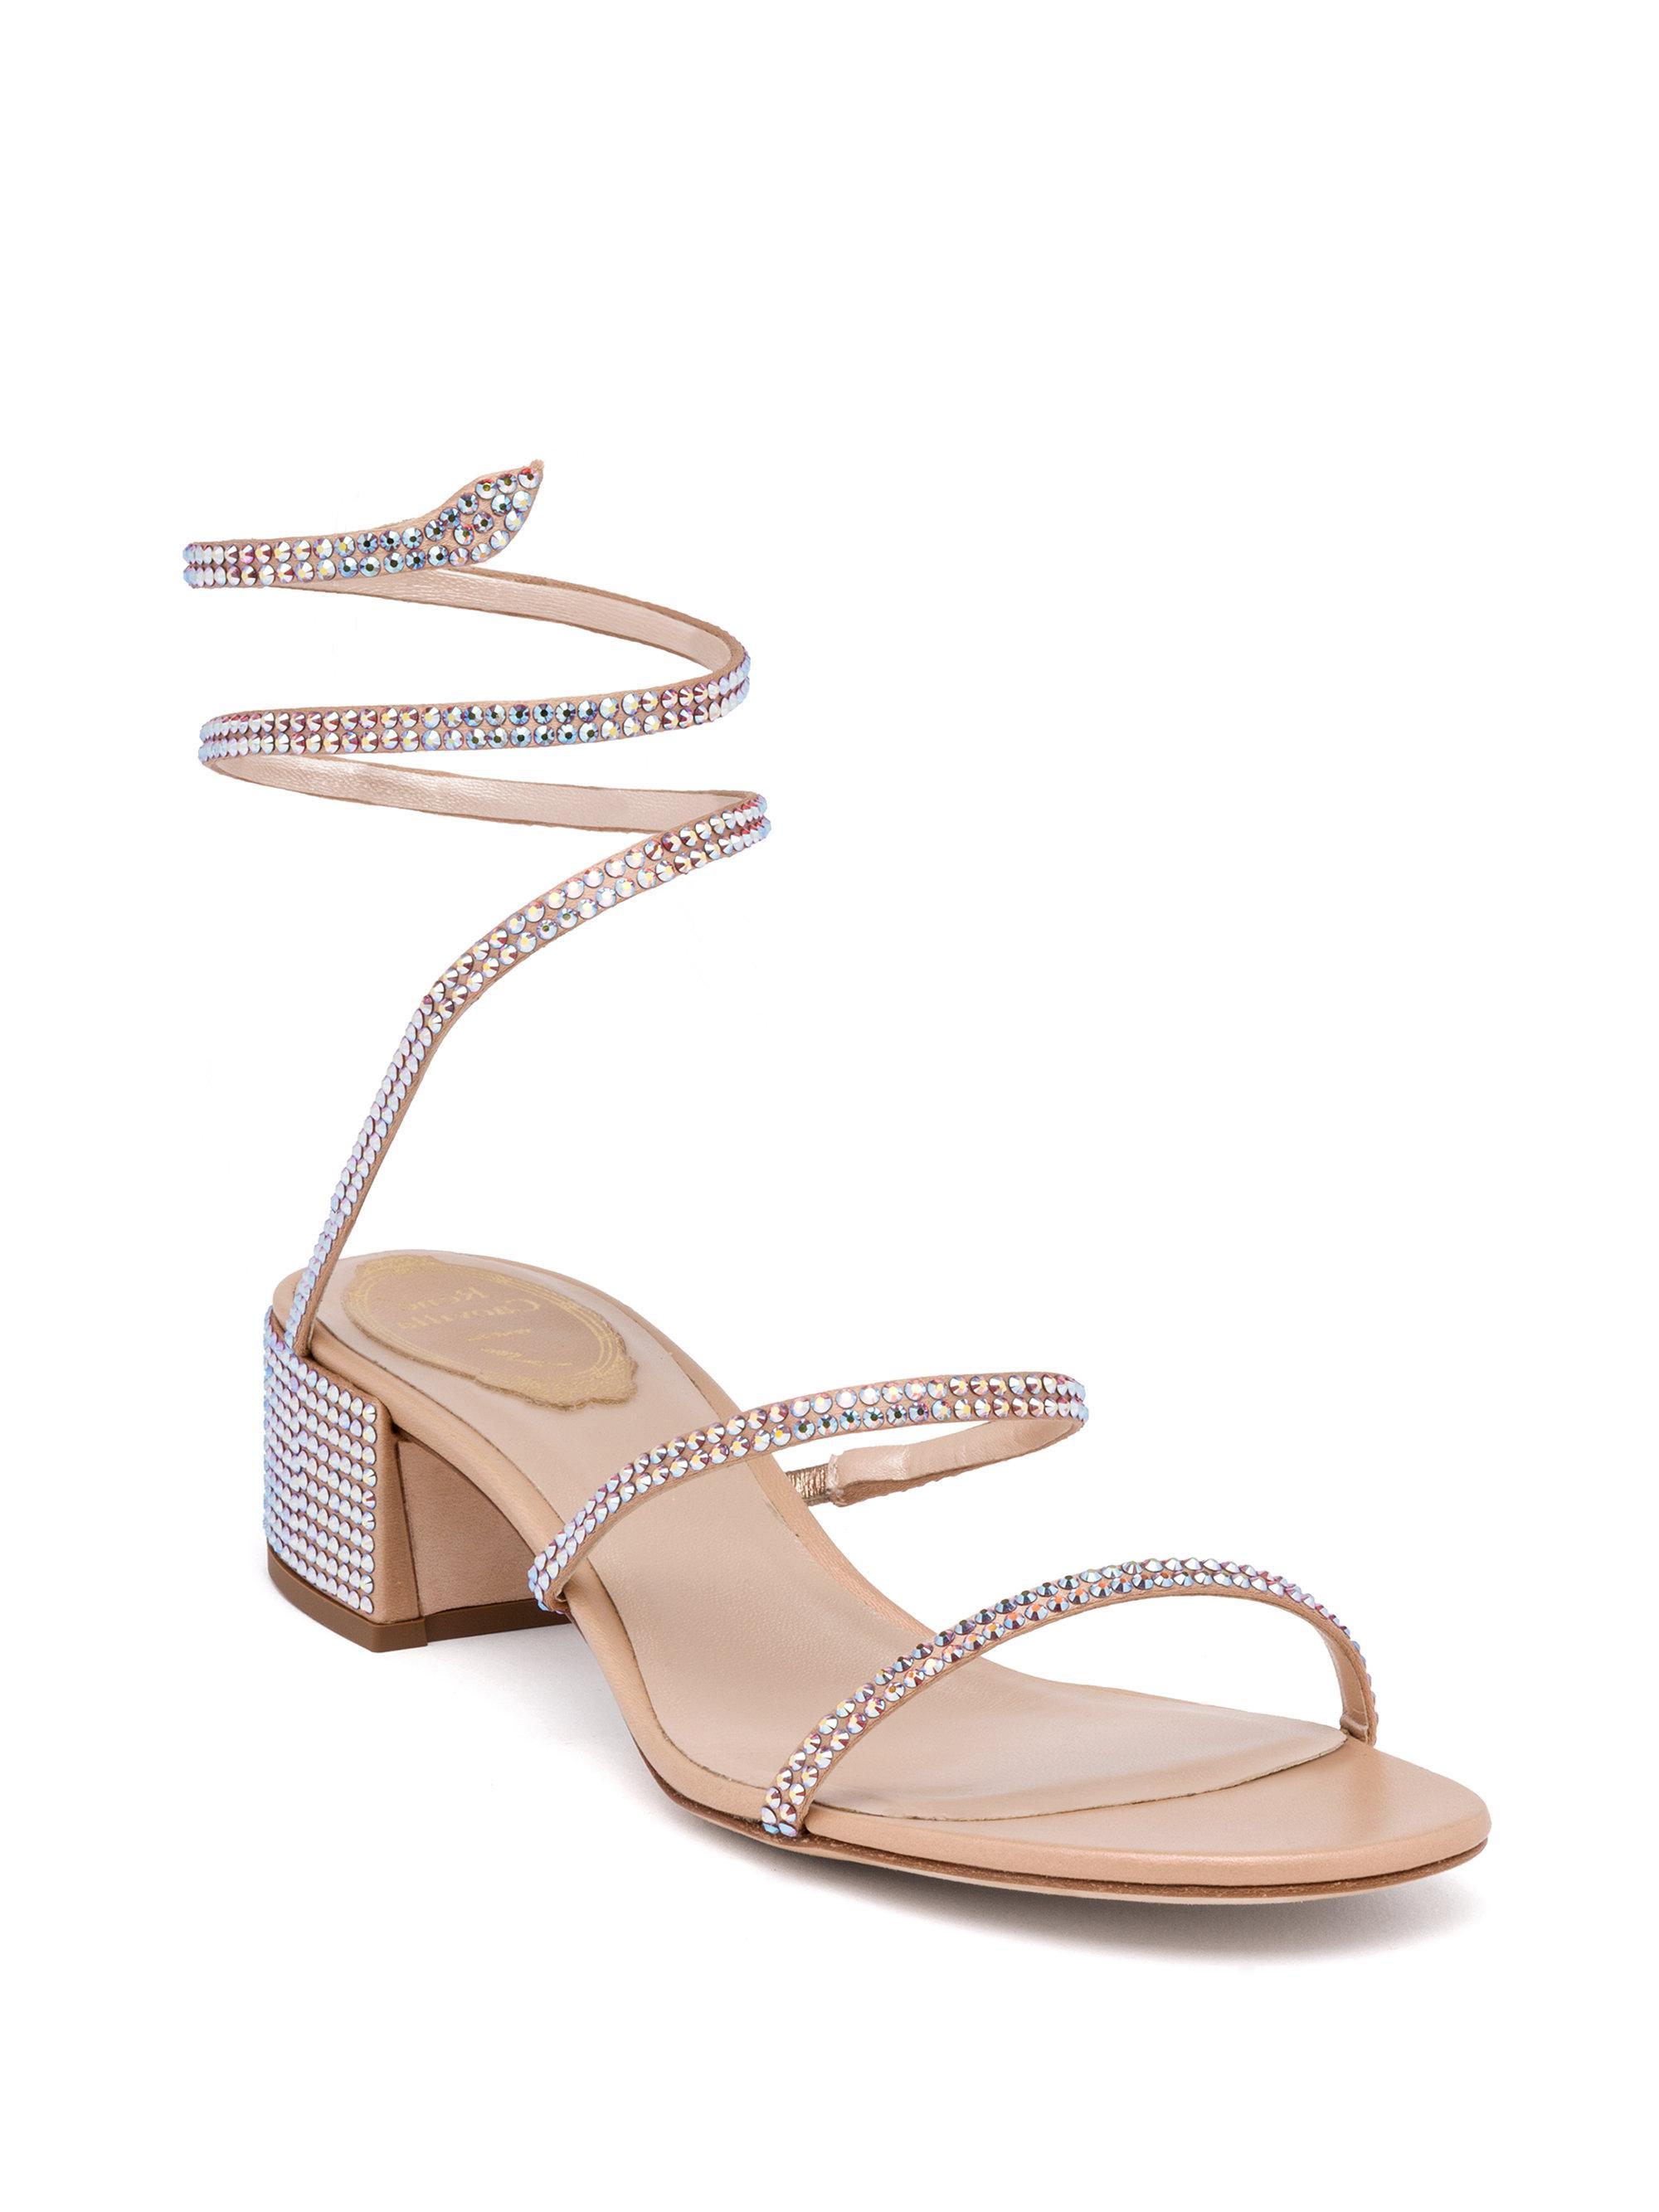 8901490523ea0a Lyst - Rene Caovilla Wraparound Swarovski Sandals in Pink